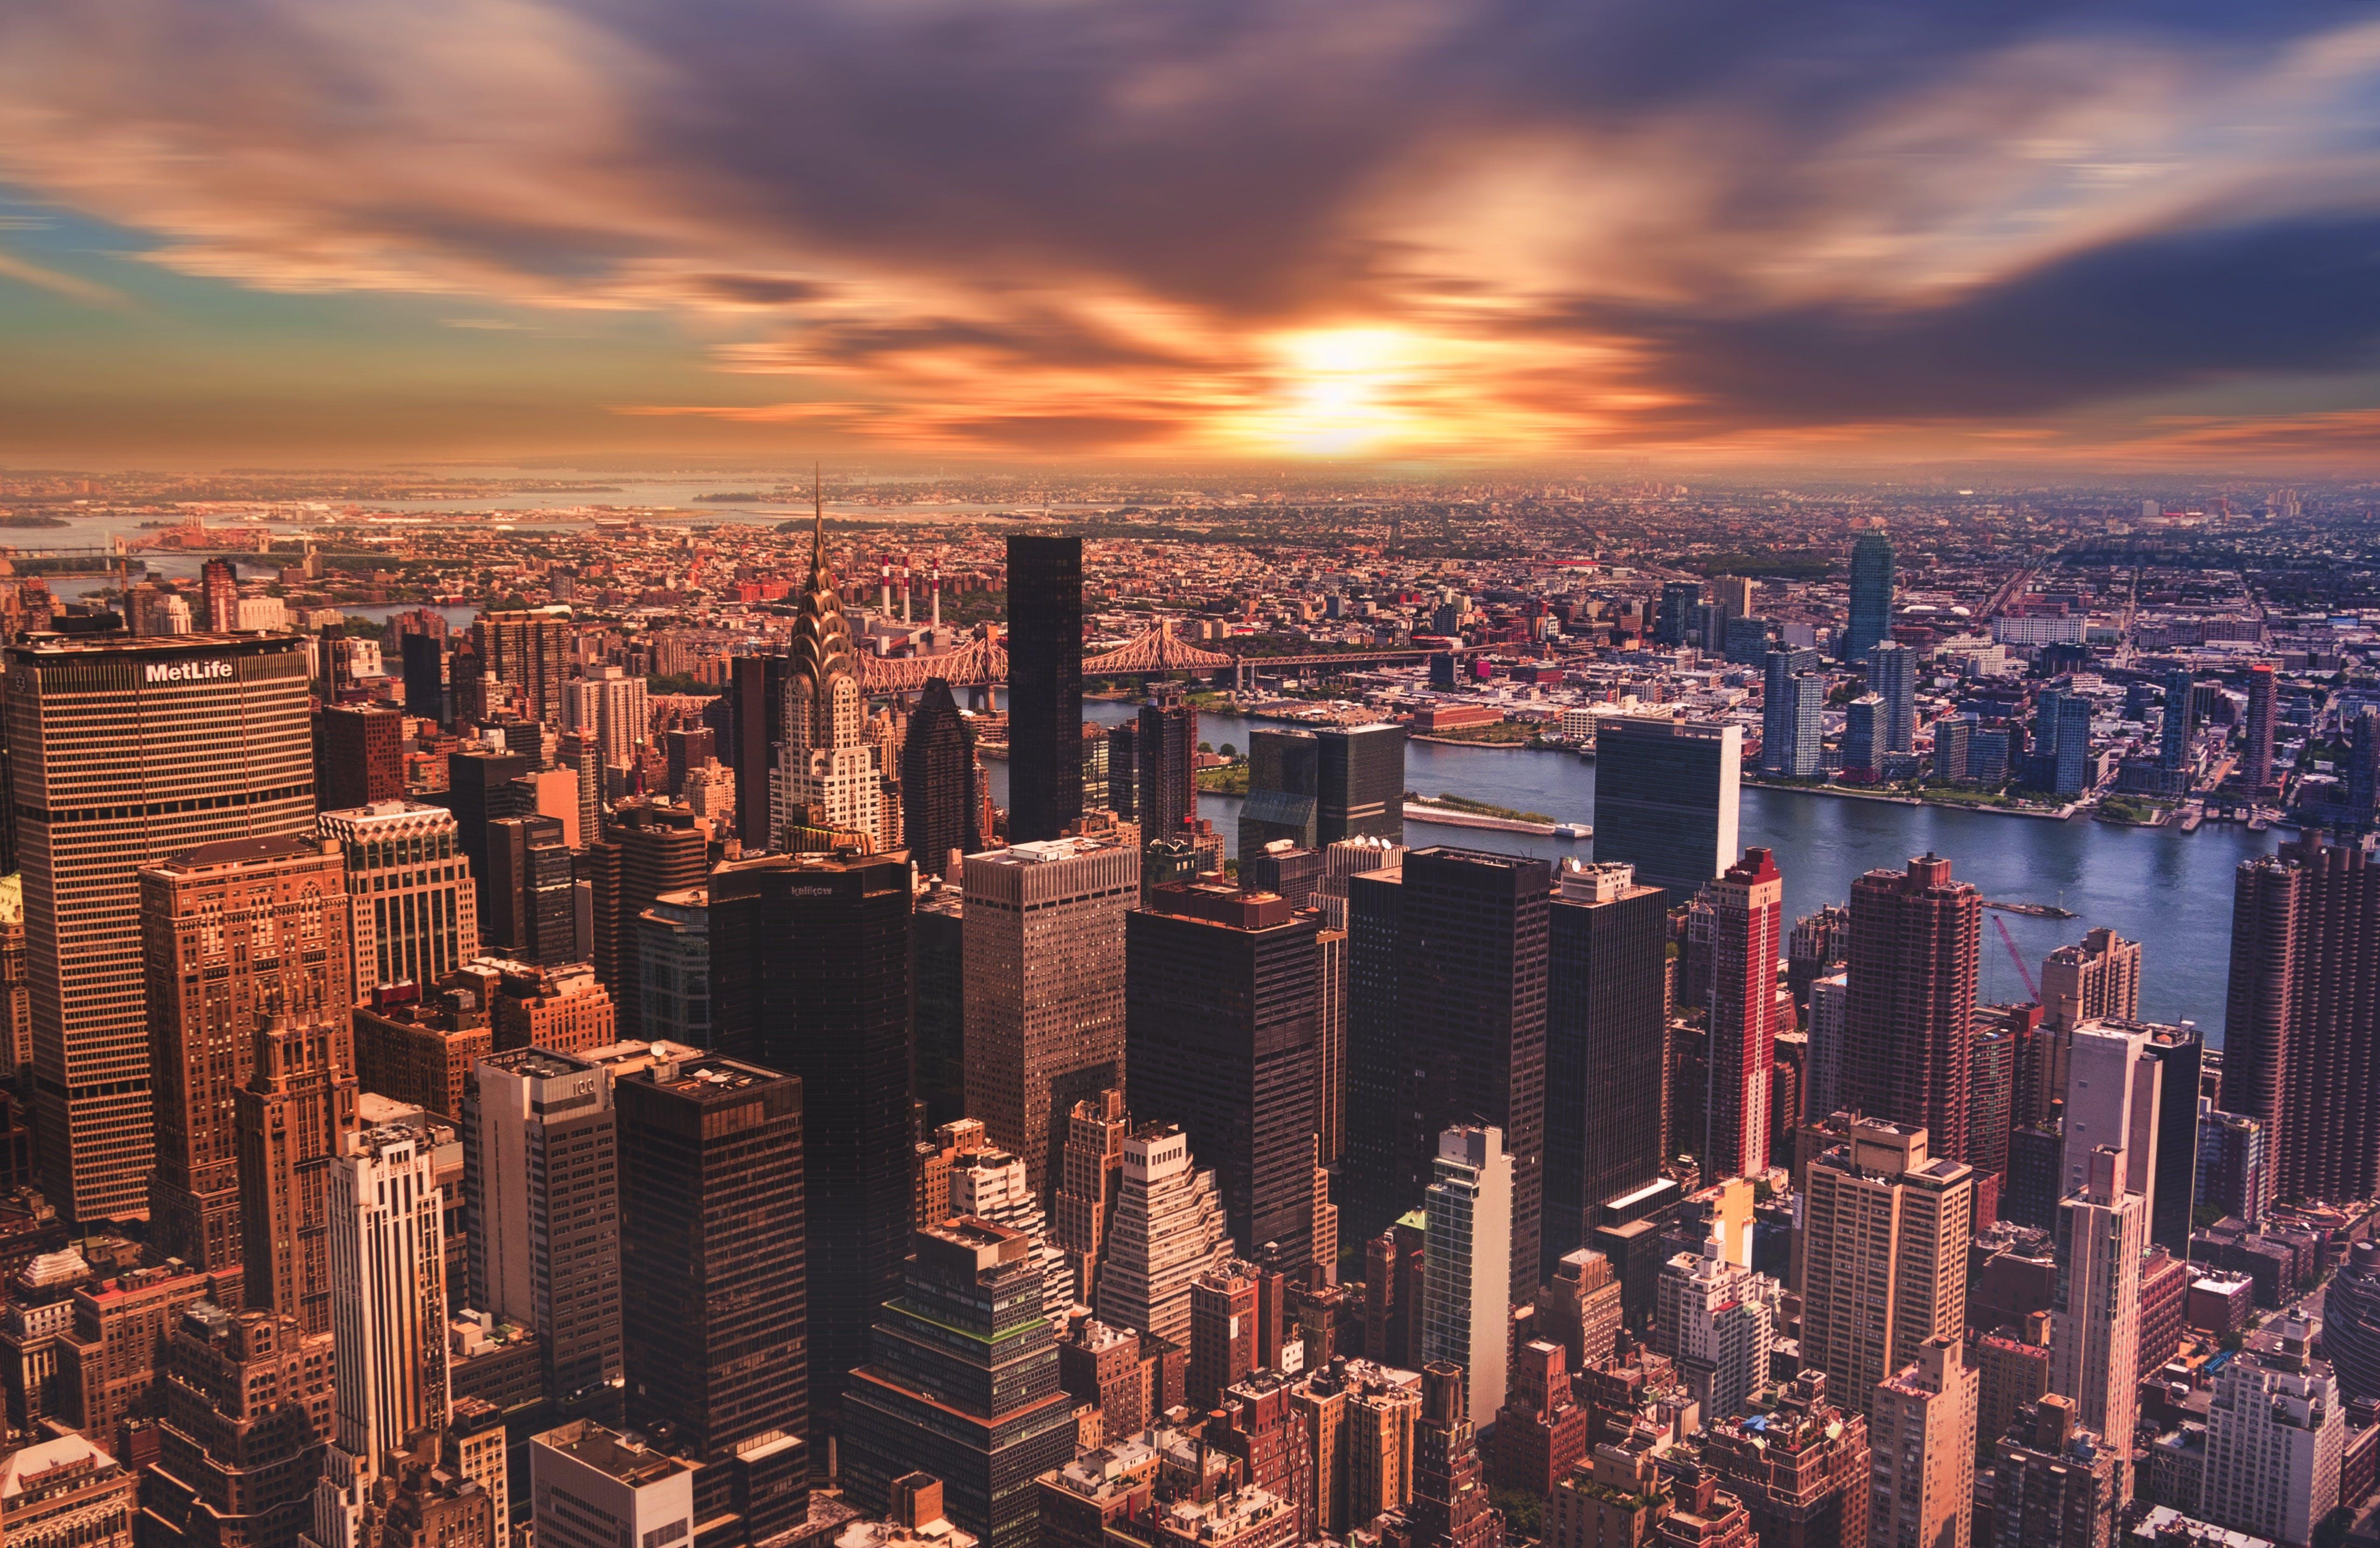 Δωρεάν στοκ φωτογραφιών με nyc, αρχιτεκτονική, αστικός, γραμμή ορίζοντα